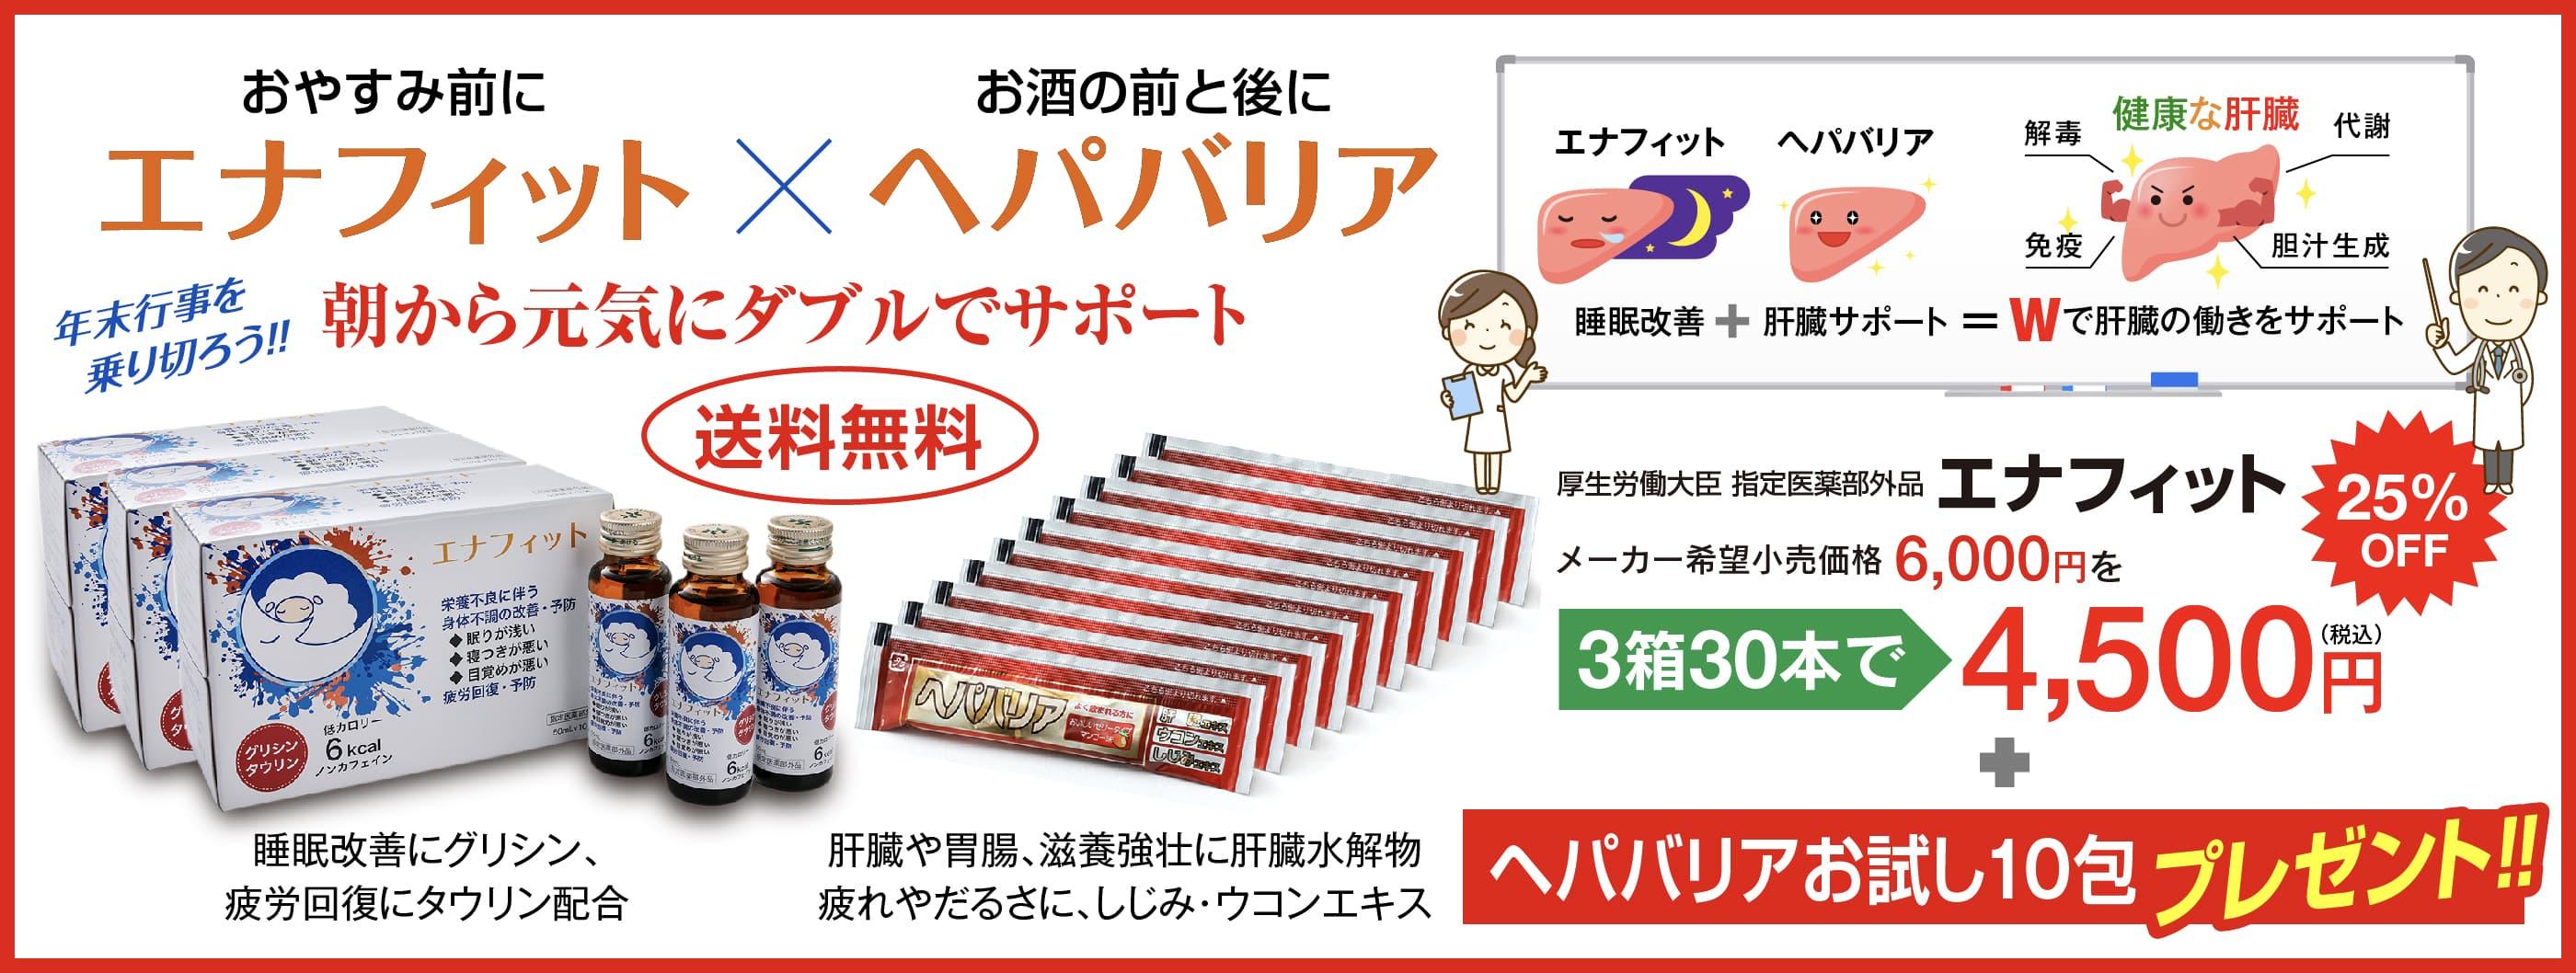 エナフィット 3箱+パバリア10本プレゼント